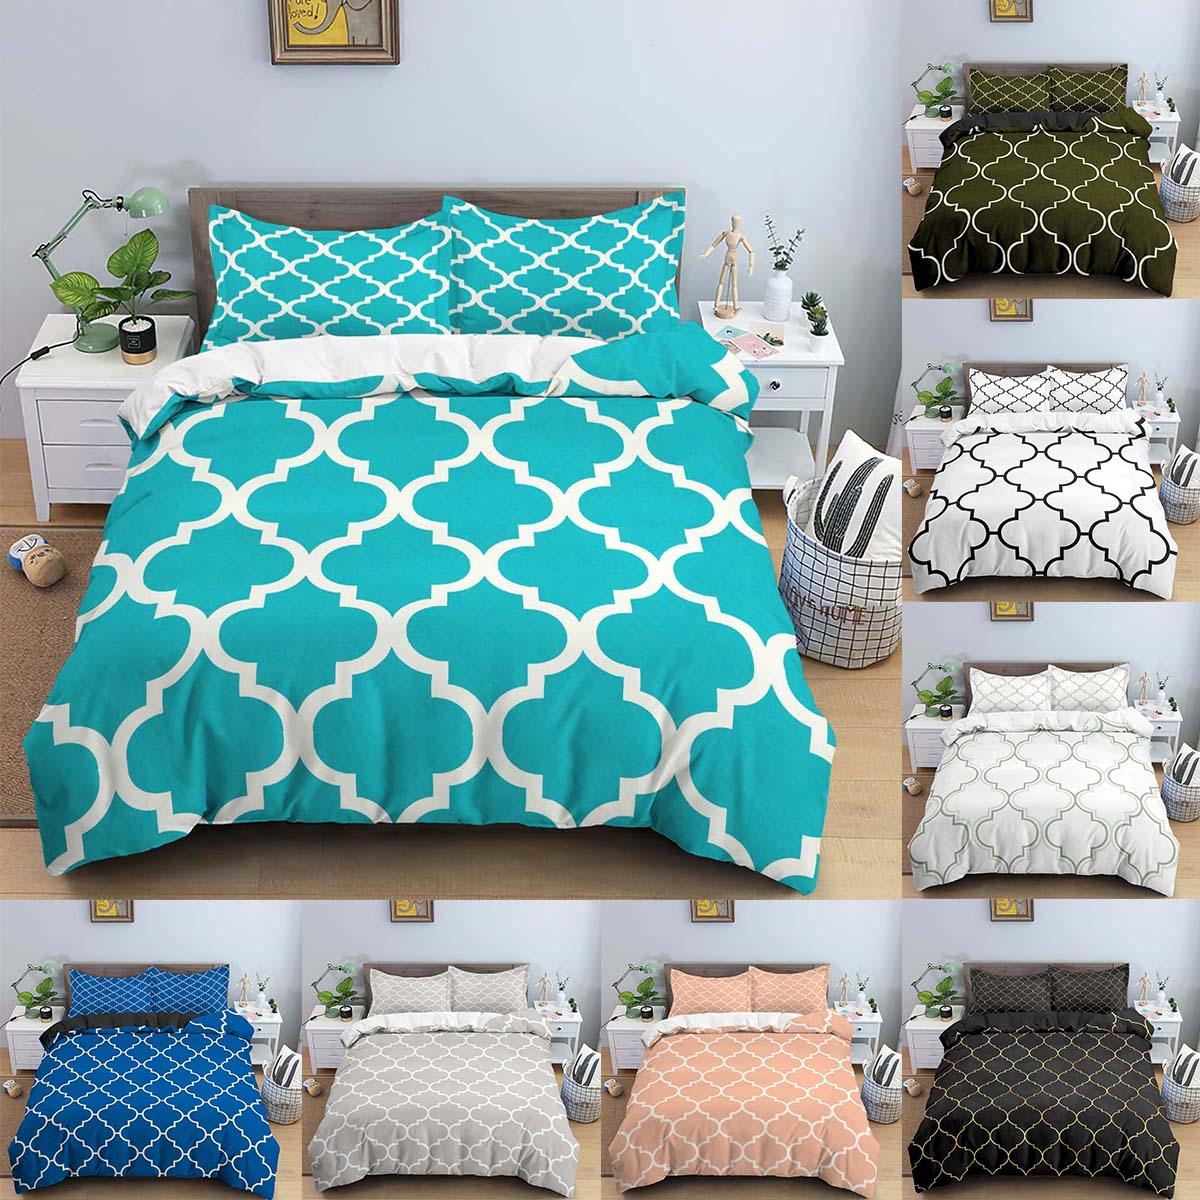 الأخضر شبكة حاف الغطاء 220x24 0 غطاء سرير ملكي المخدة 3 قطعة طقم سرير مزدوج الملكة غطاء لحاف المنزل المعزي غطاء